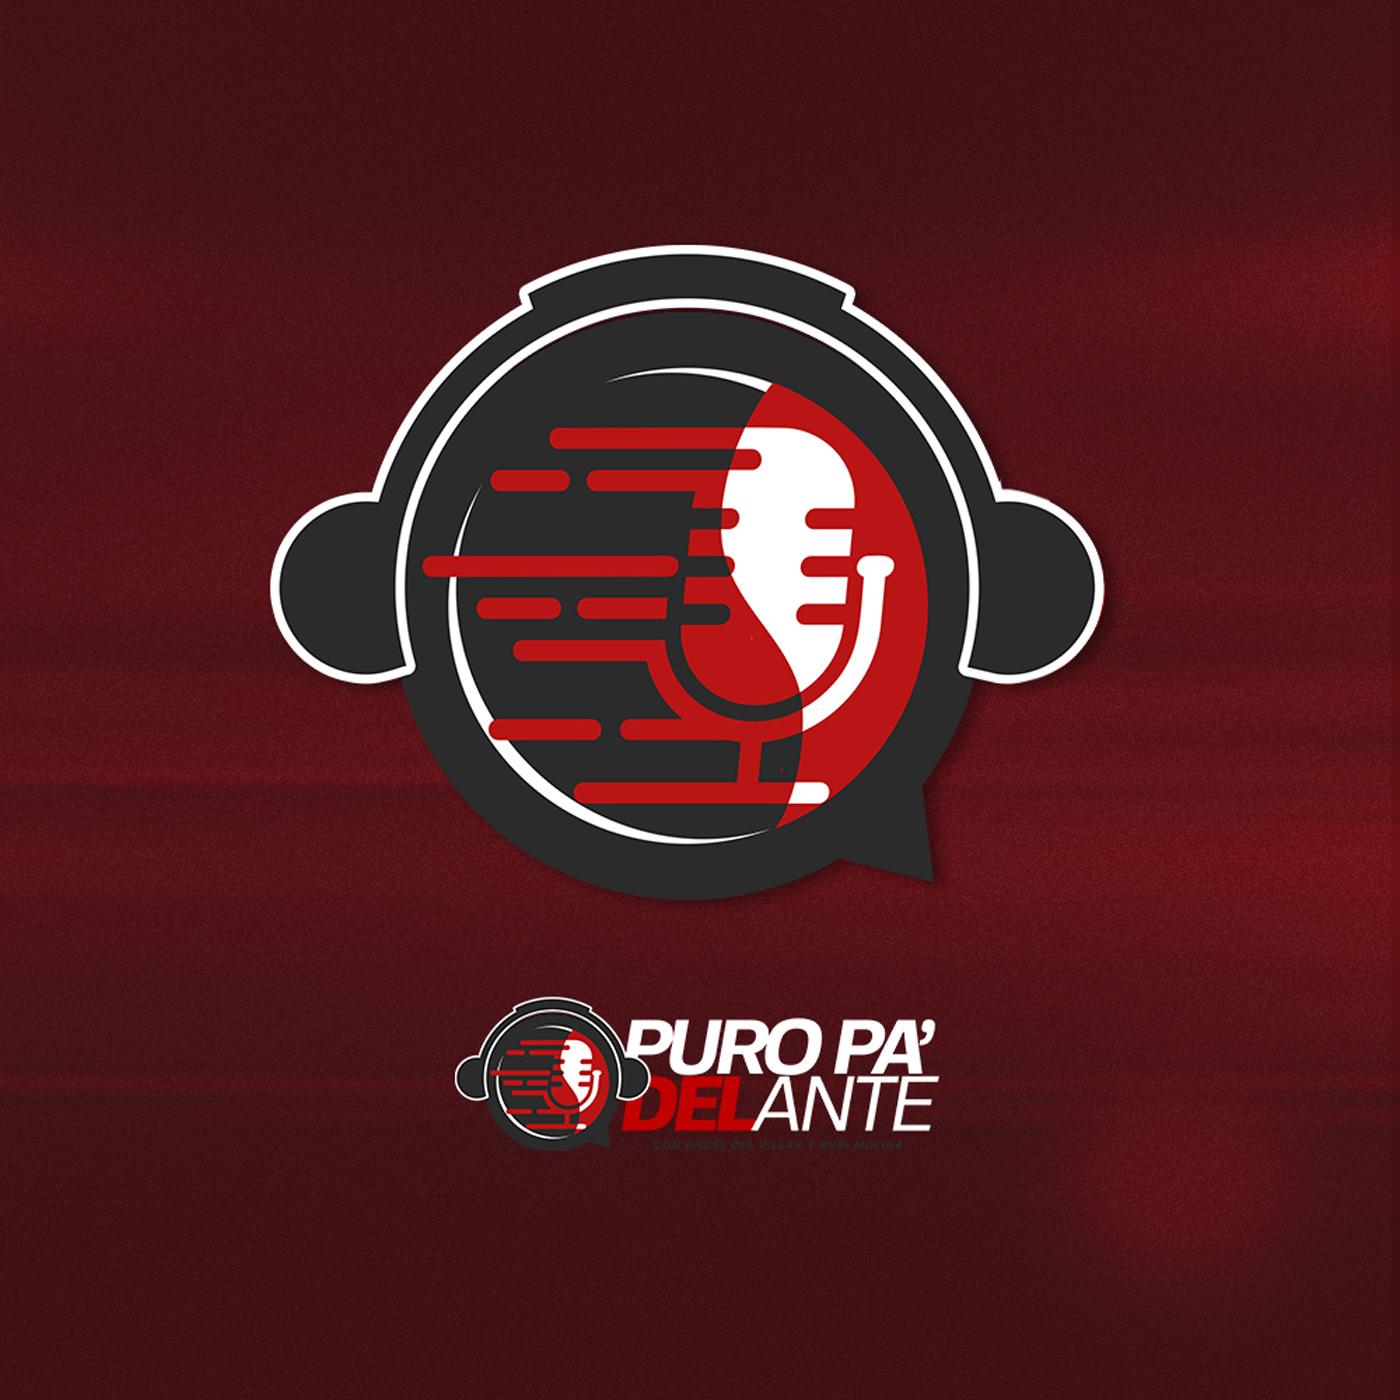 Puro Pa'DELante Podcast show art